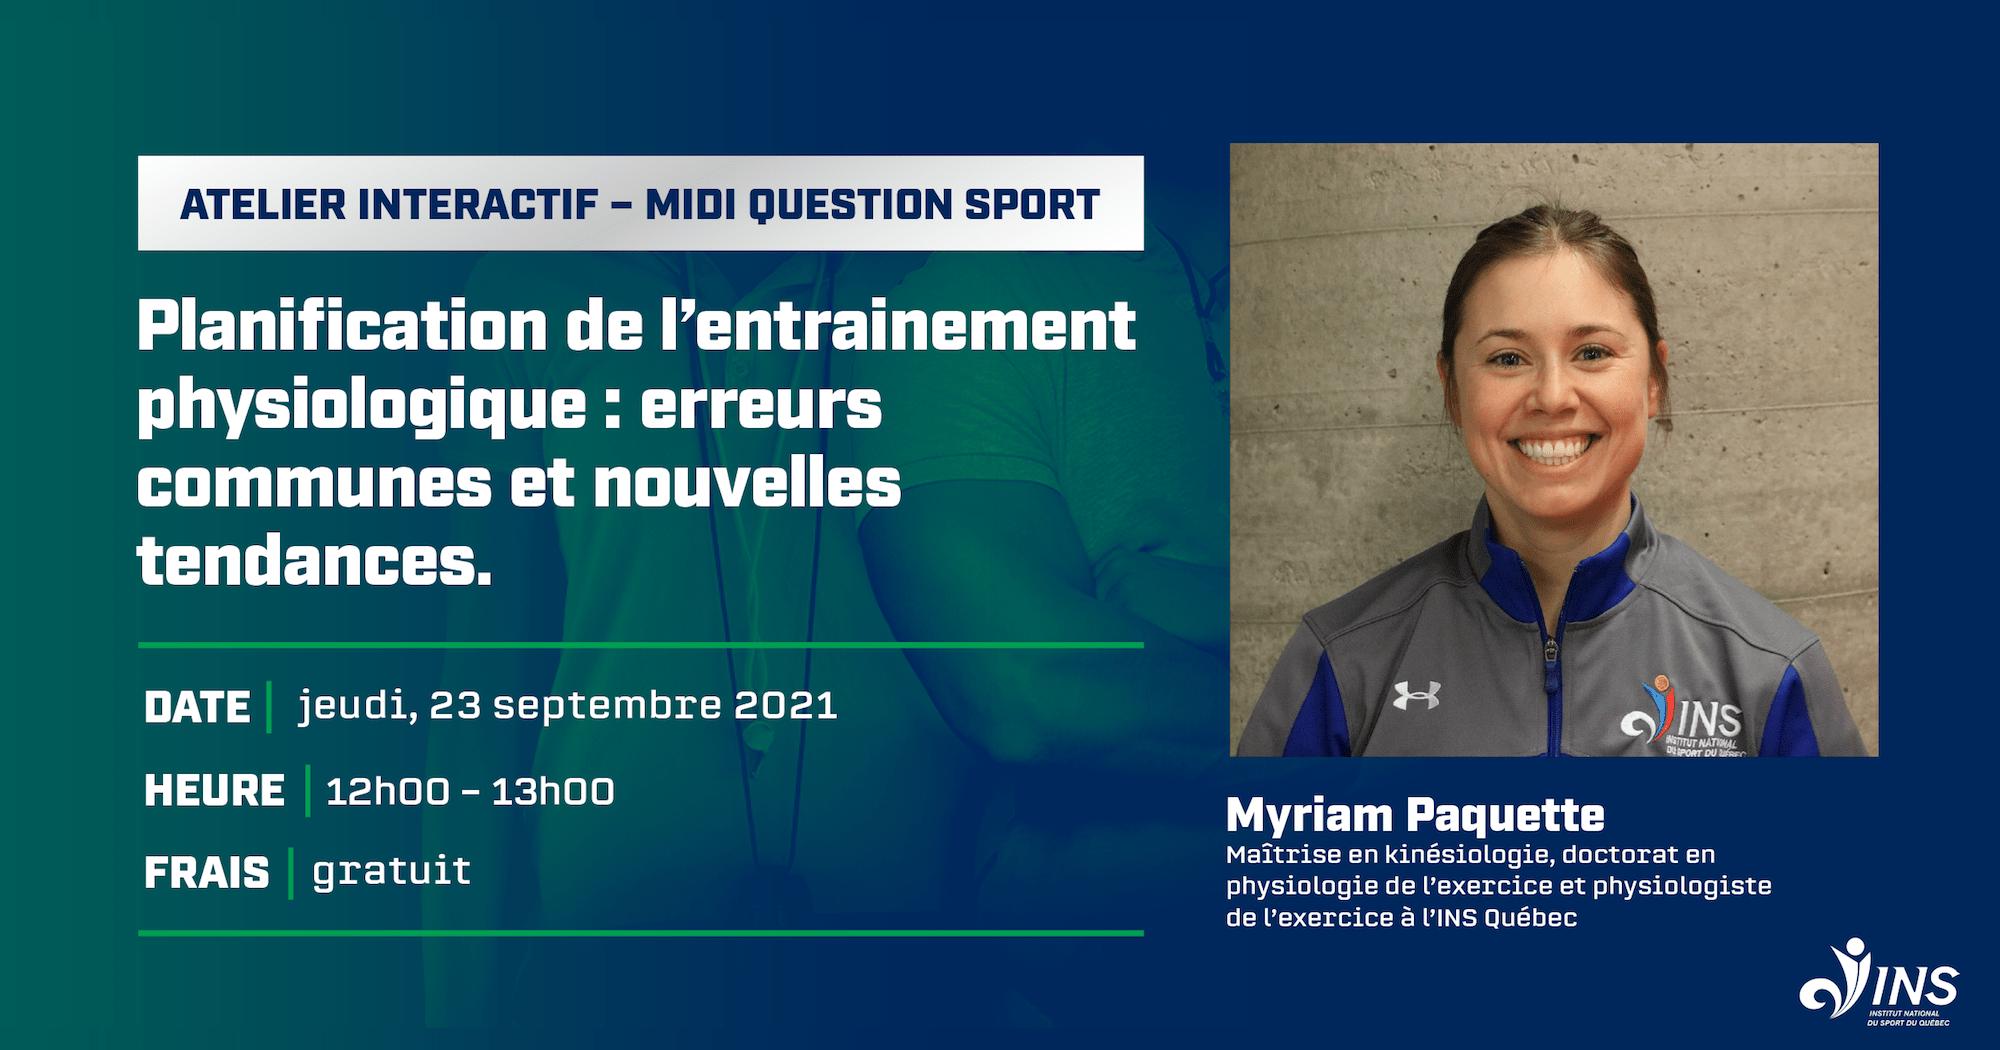 SNE_HoraireAteliers_Atelier inteactif - Midi question sport-min